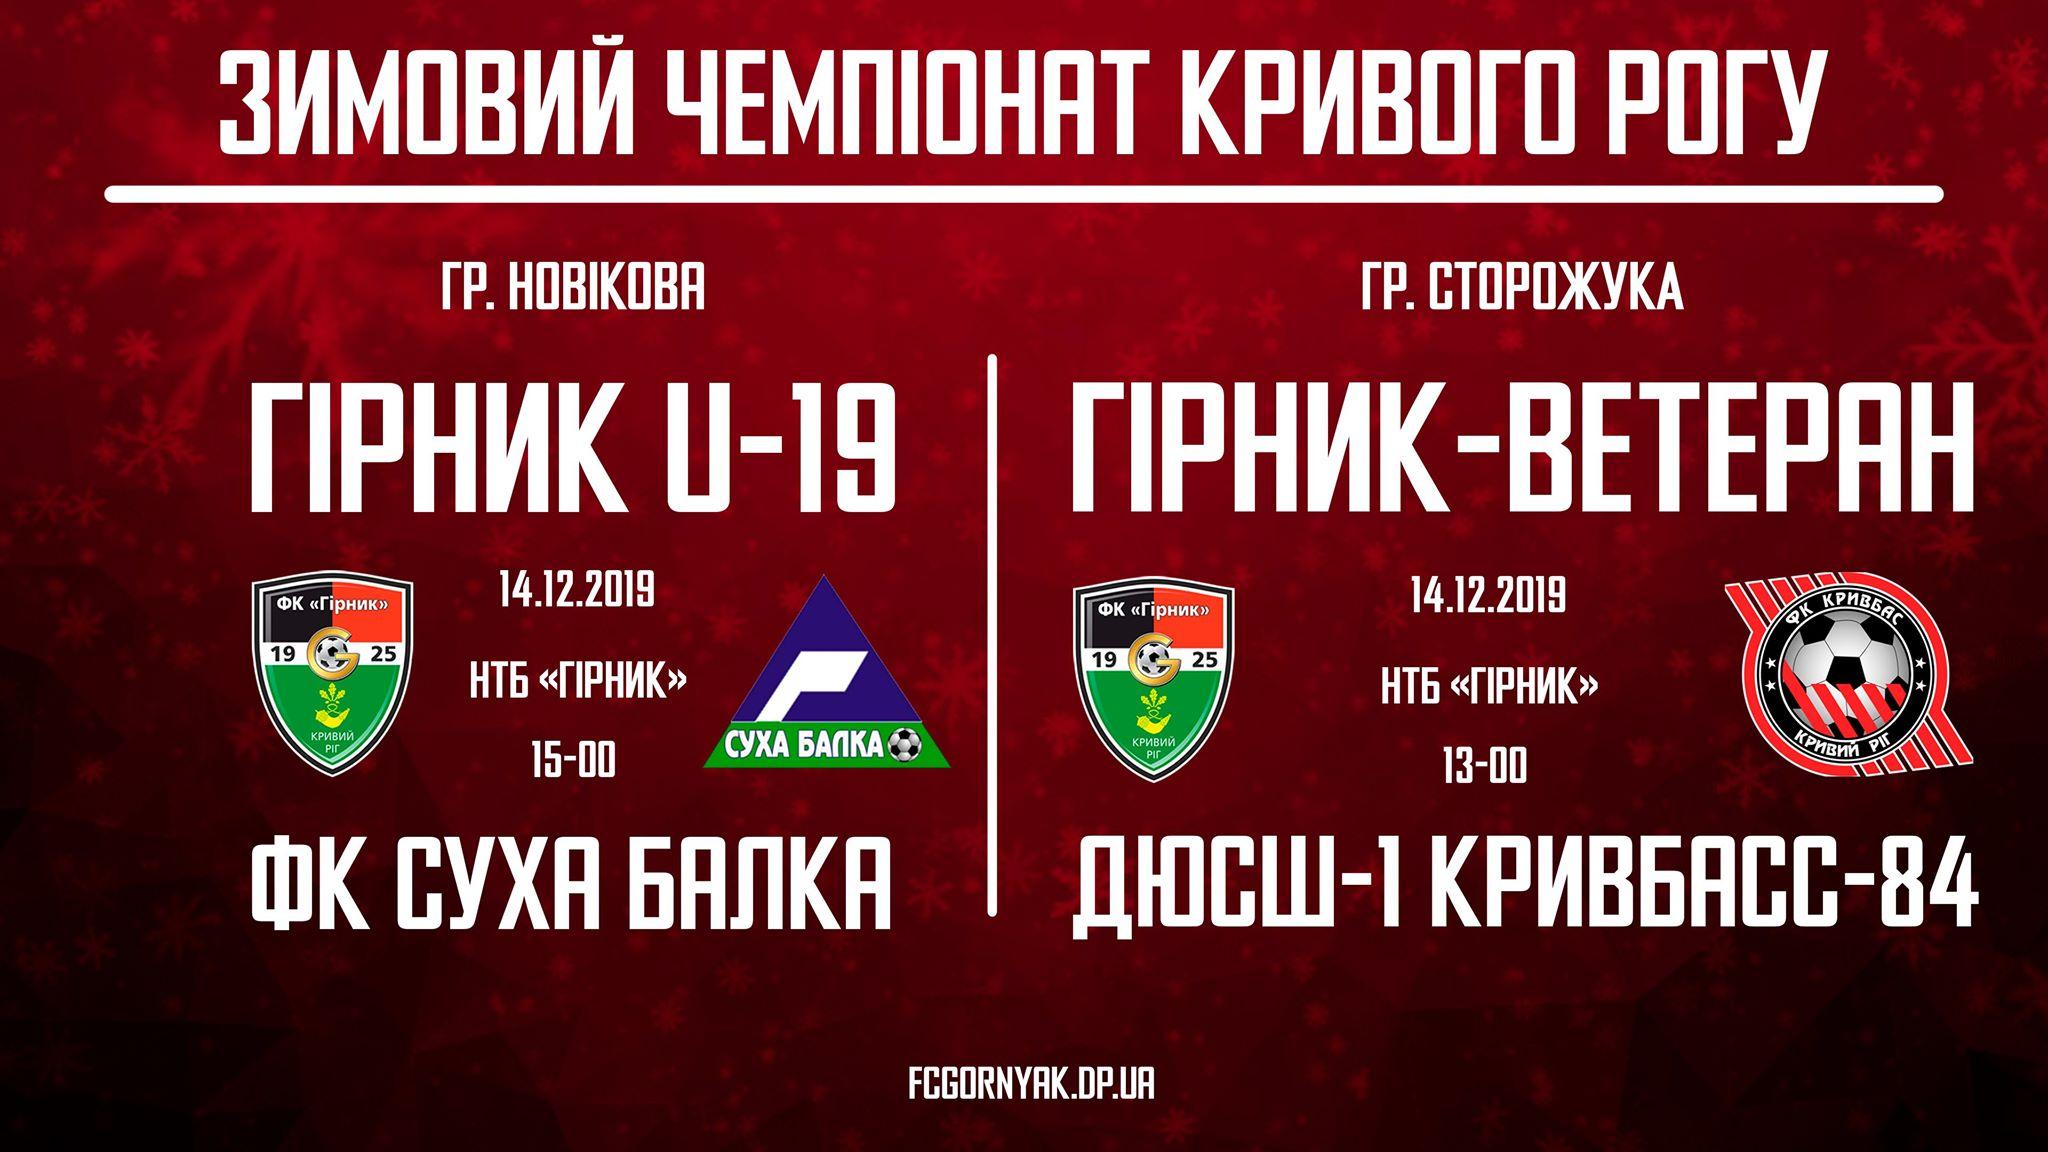 Зимний чемпионат Кривого Рога. 2 тур: детали матчей